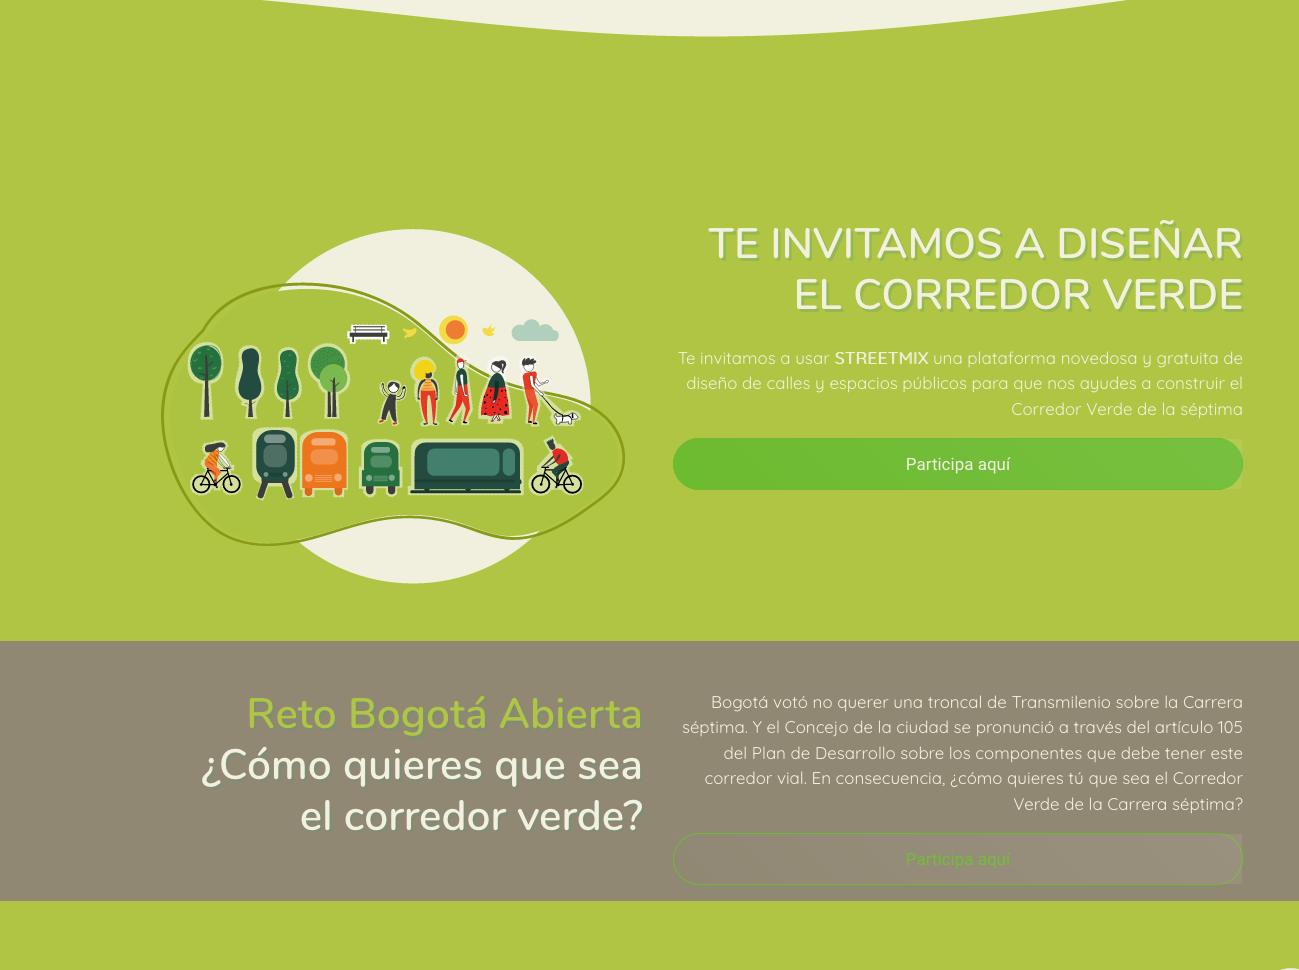 Diseña el Corredor Verde